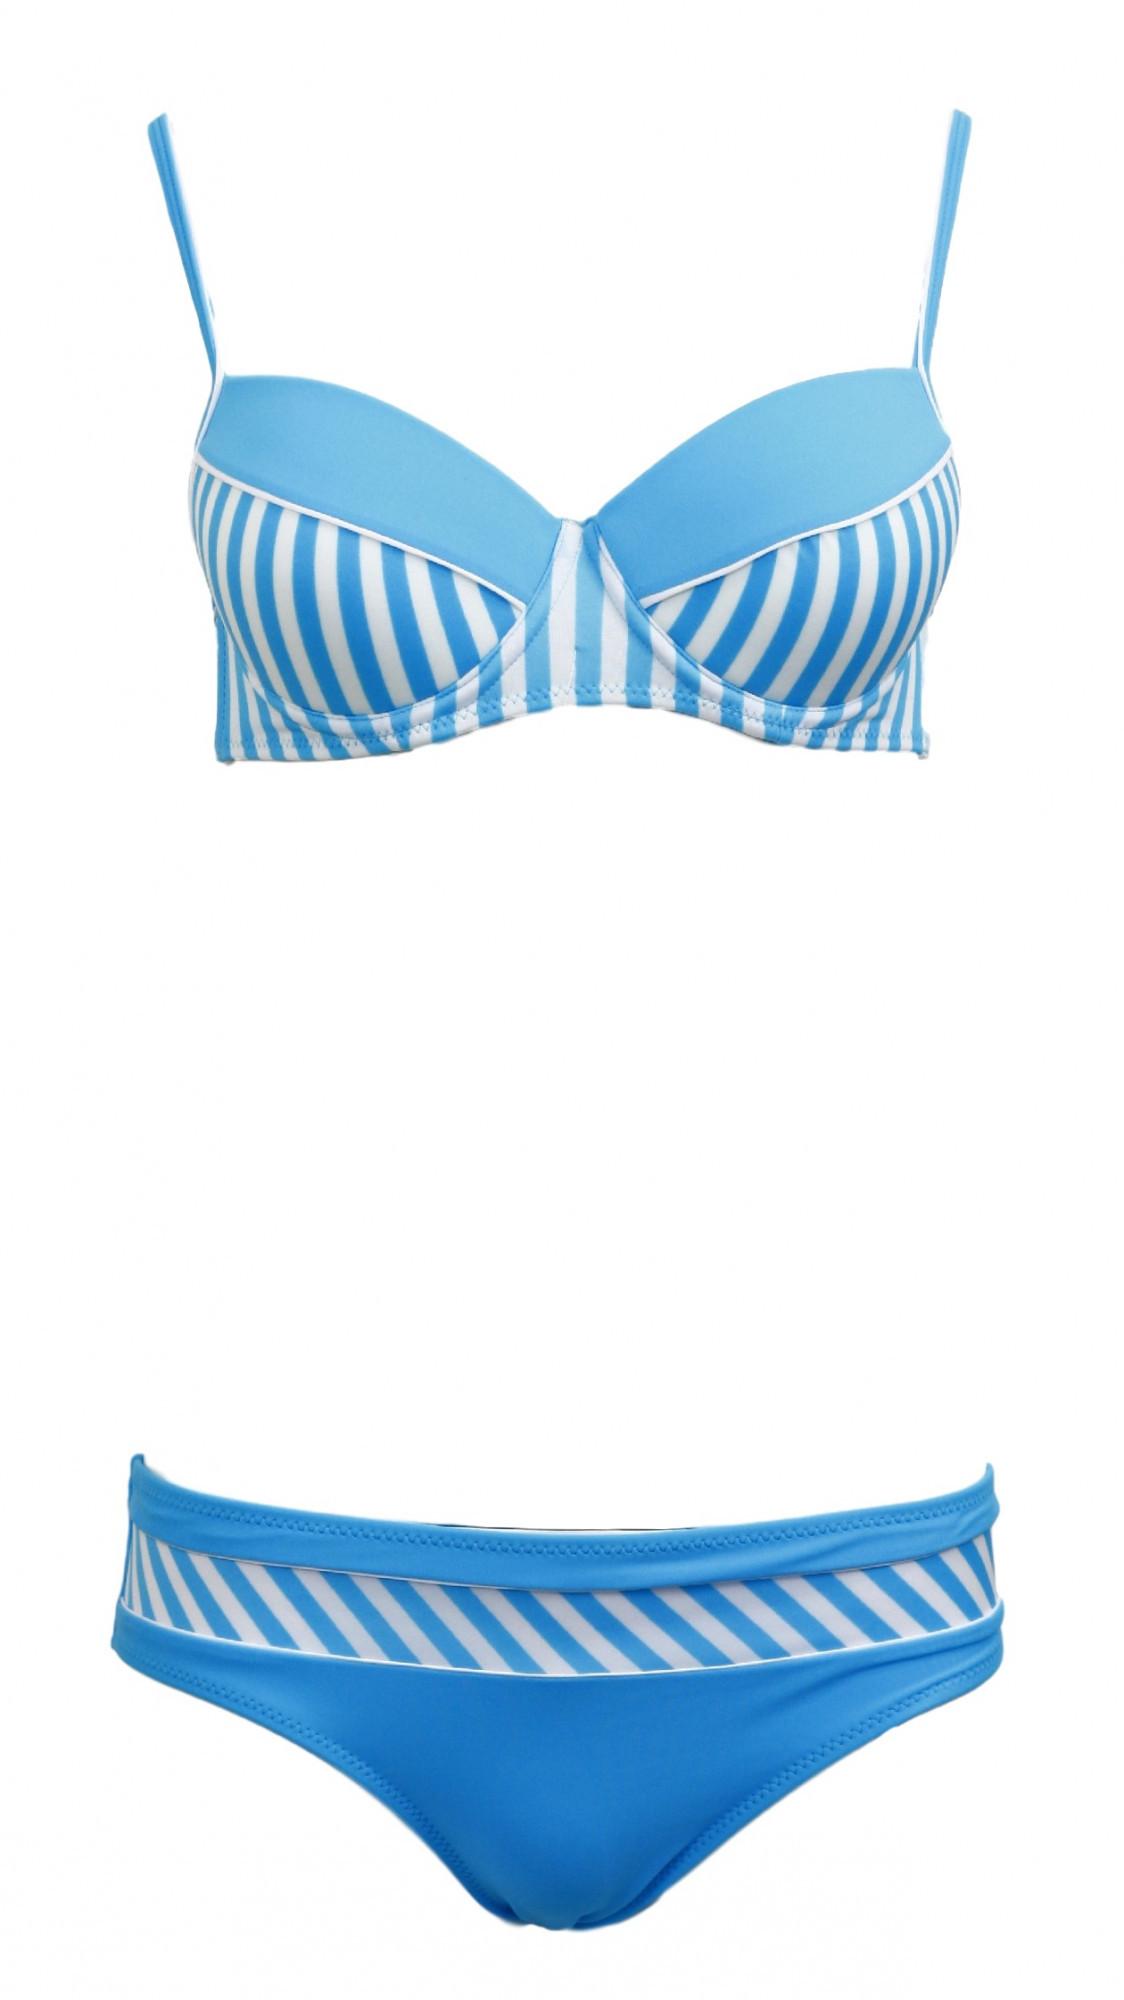 Dámské plavky dvoudílné Brooke M-225 - Marko modro-bílá S f97dd4f297